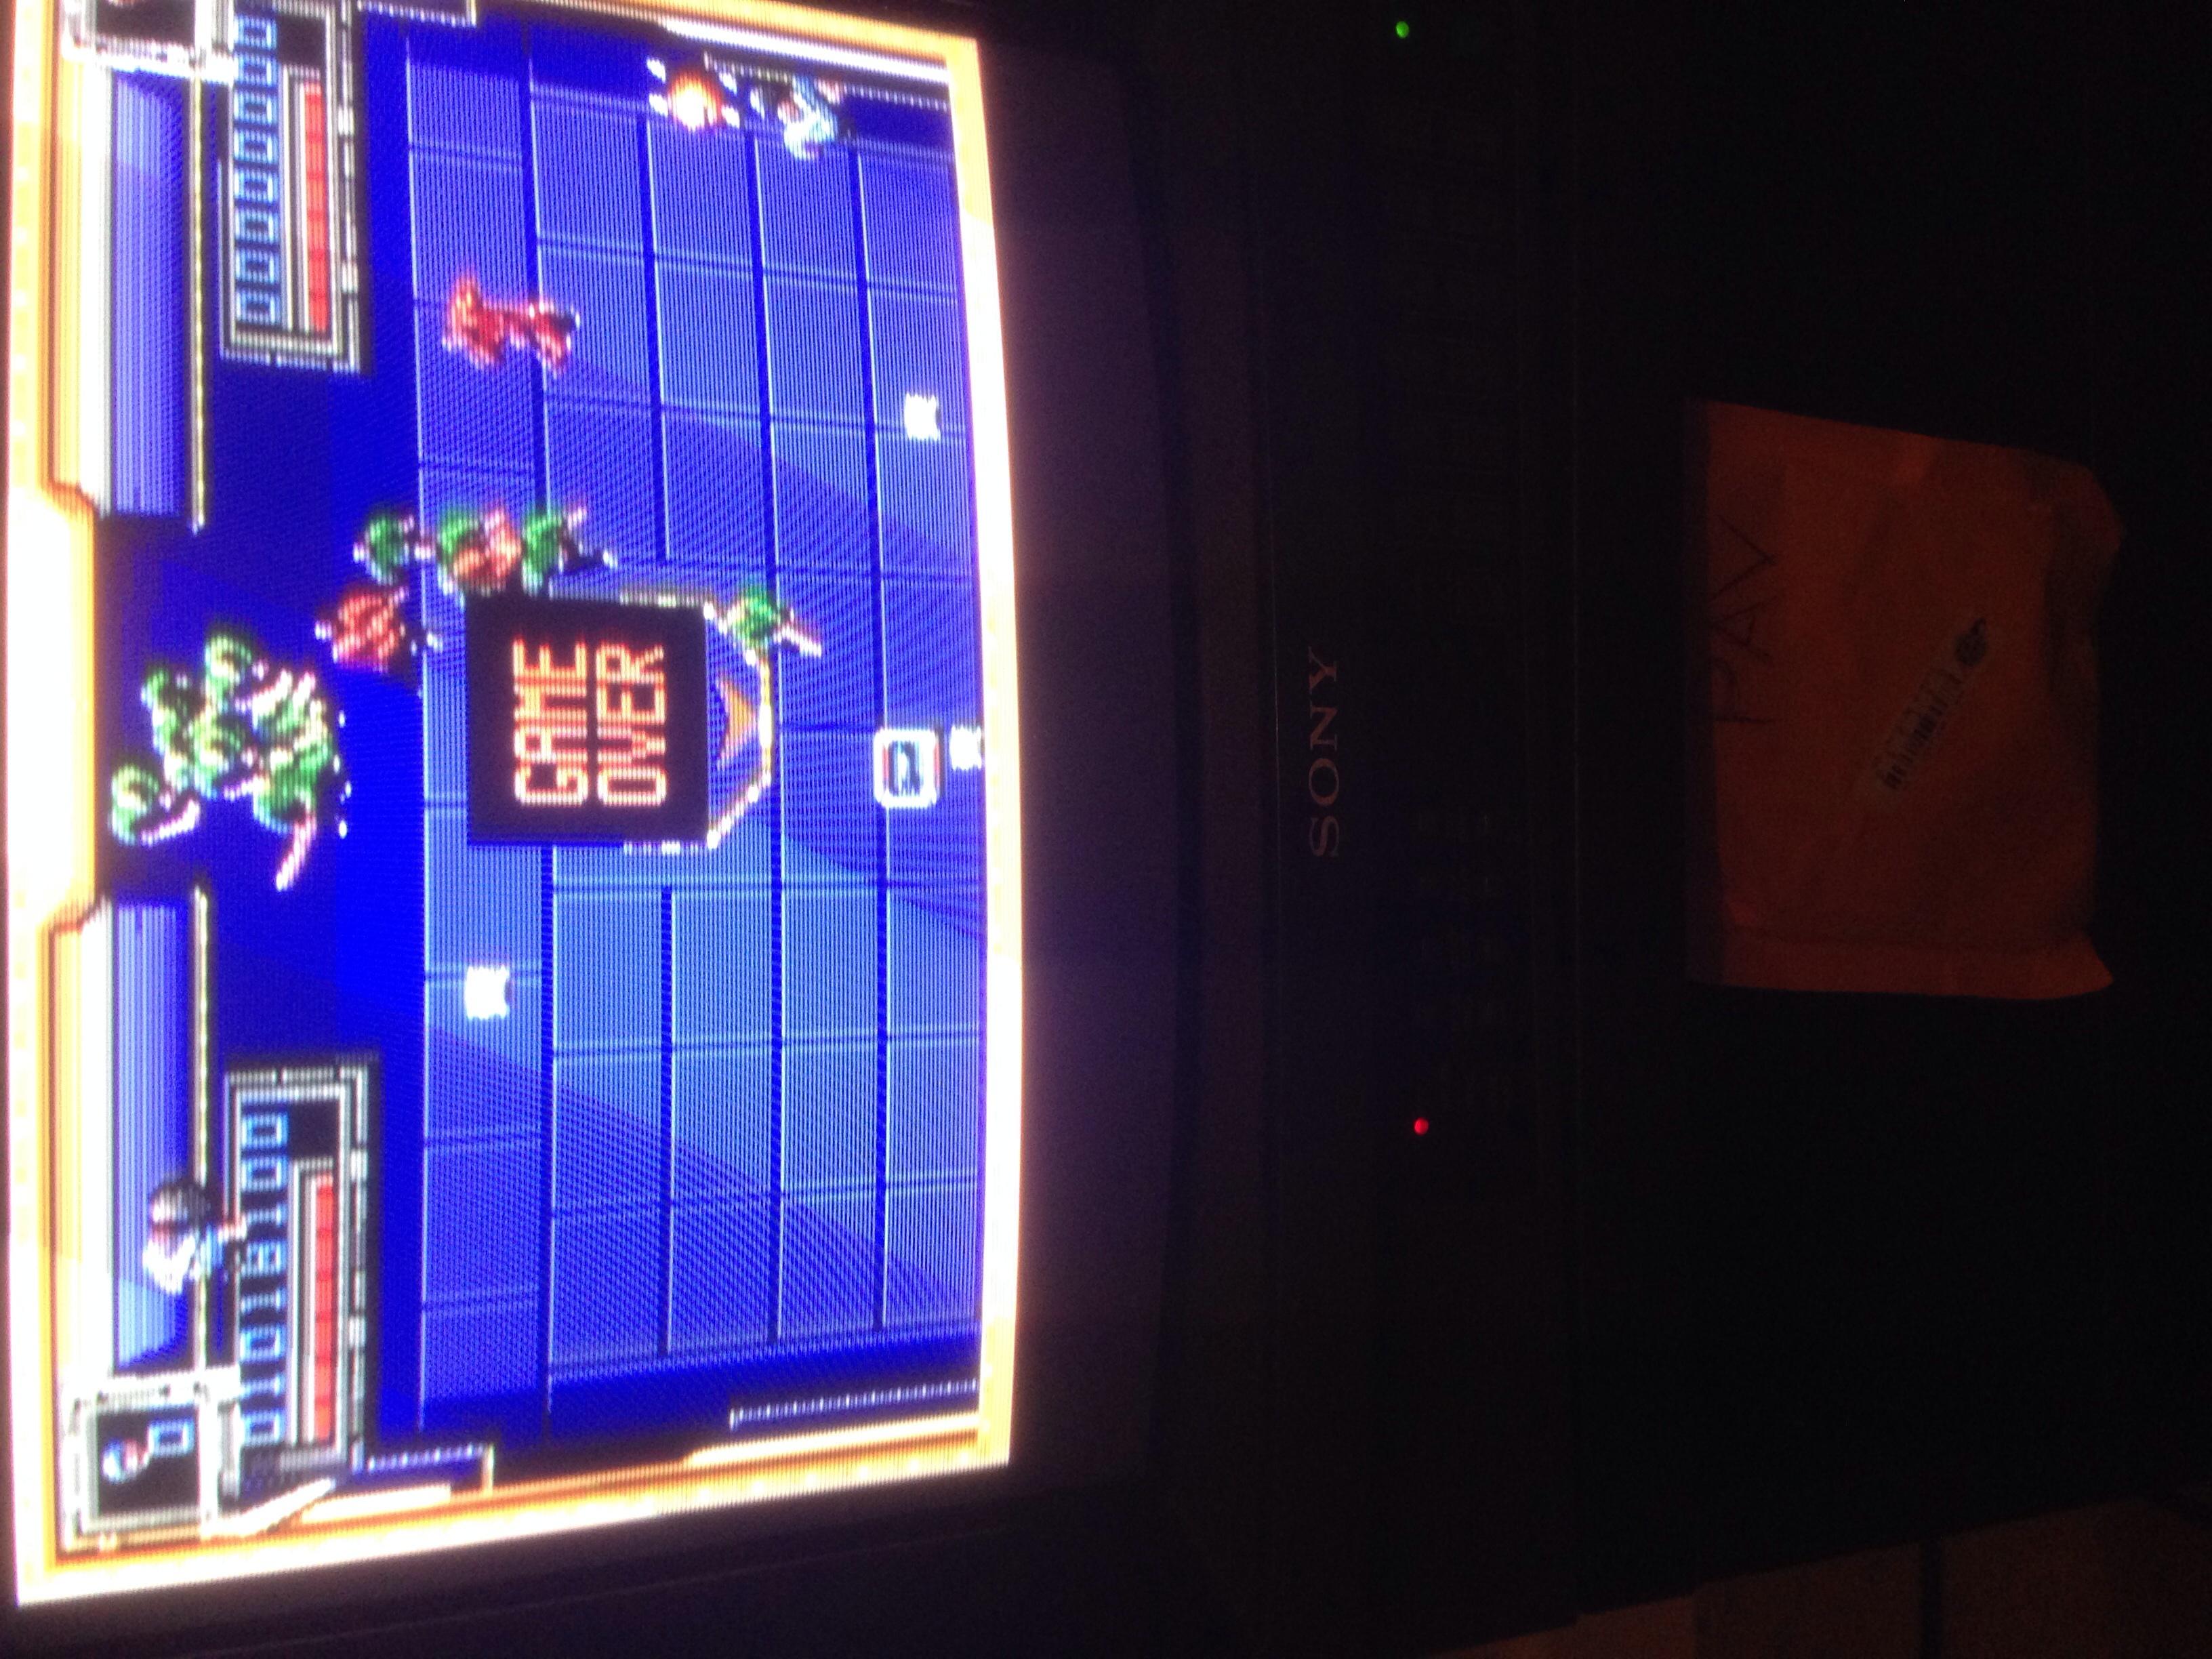 phillv85: Smash TV (Sega Genesis / MegaDrive) 1,018,100 points on 2015-05-03 15:28:03